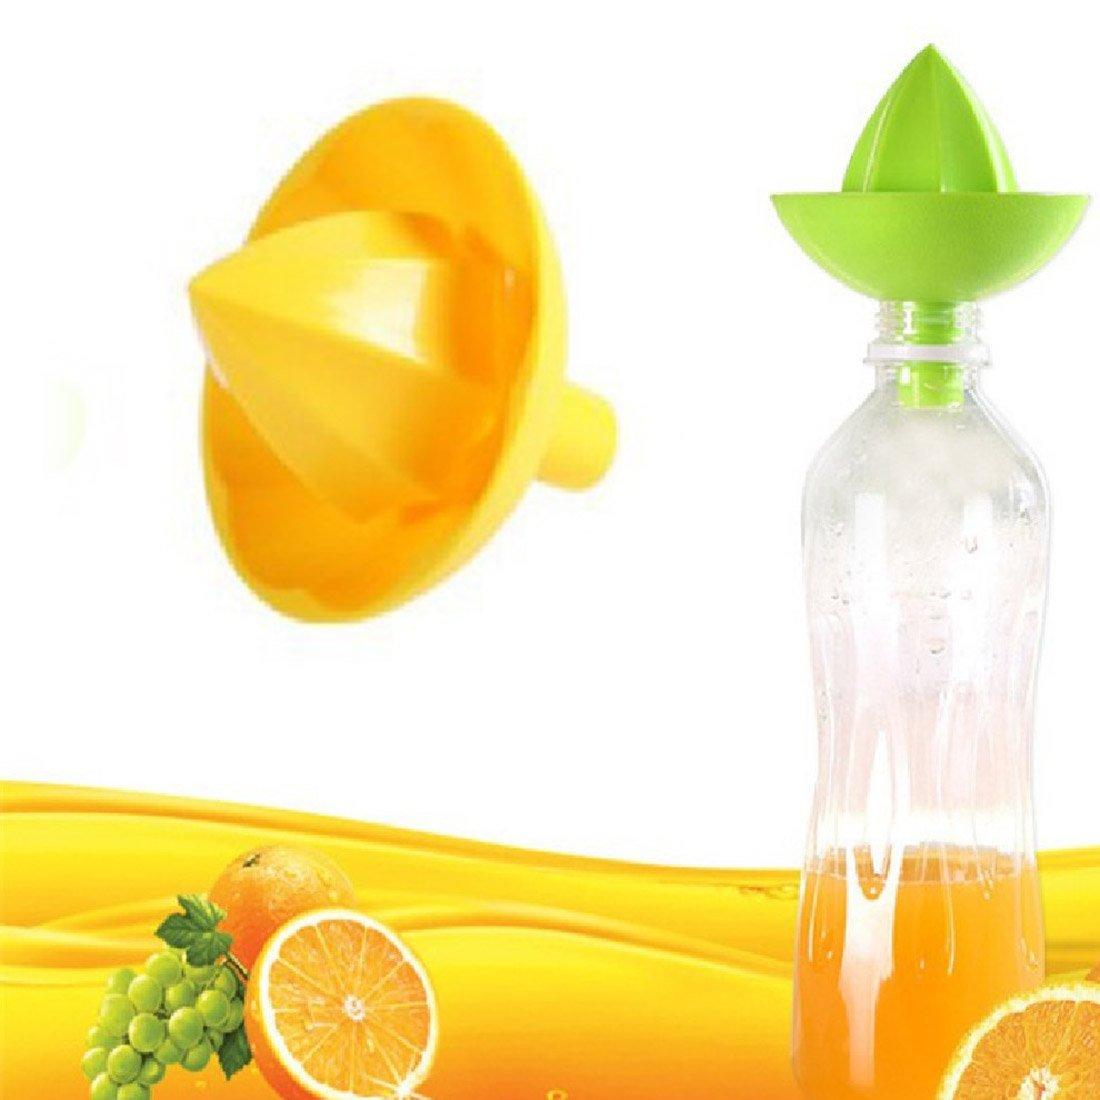 Manuel Presse-agrumes Fruits Presse-citron Presse-citron Presse-agrumes Presse-Agrumes Presse-fruits Outils Pratiques